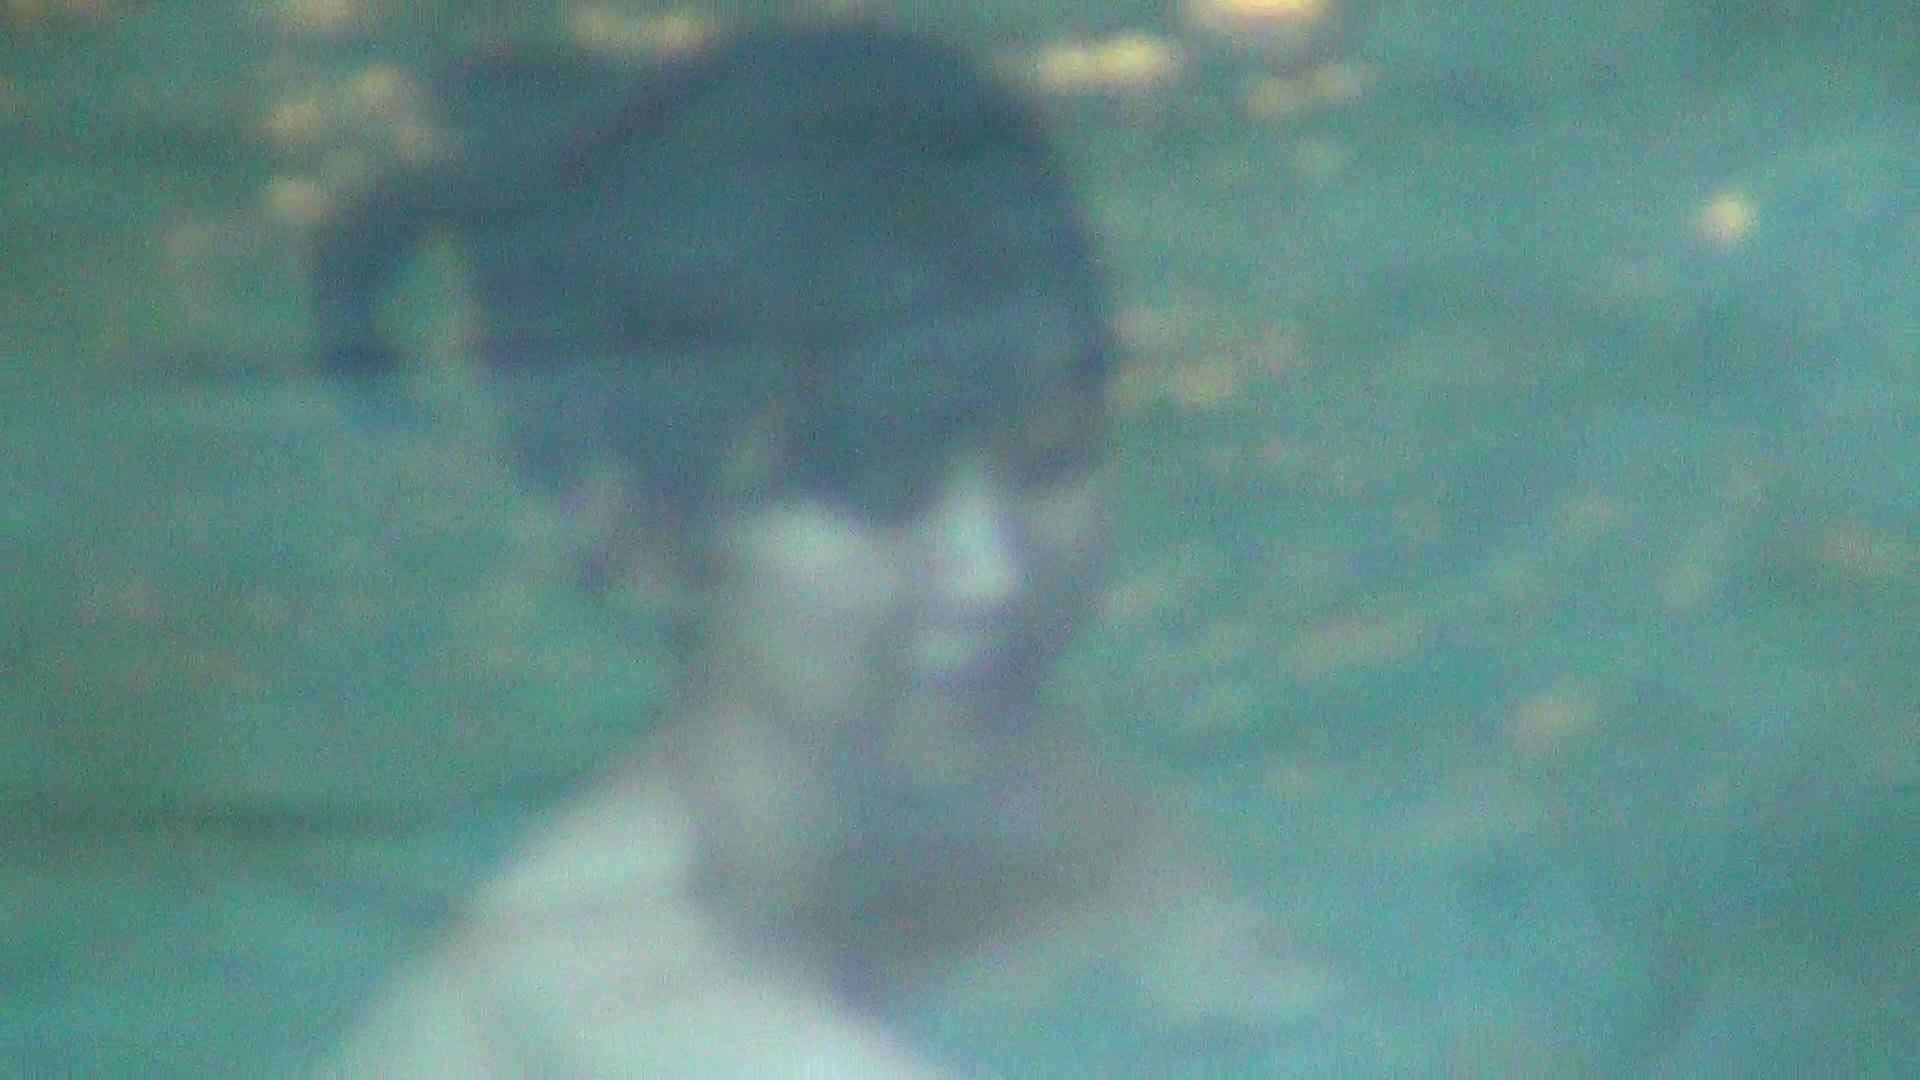 Aquaな露天風呂Vol.294 盗撮 性交動画流出 84枚 56